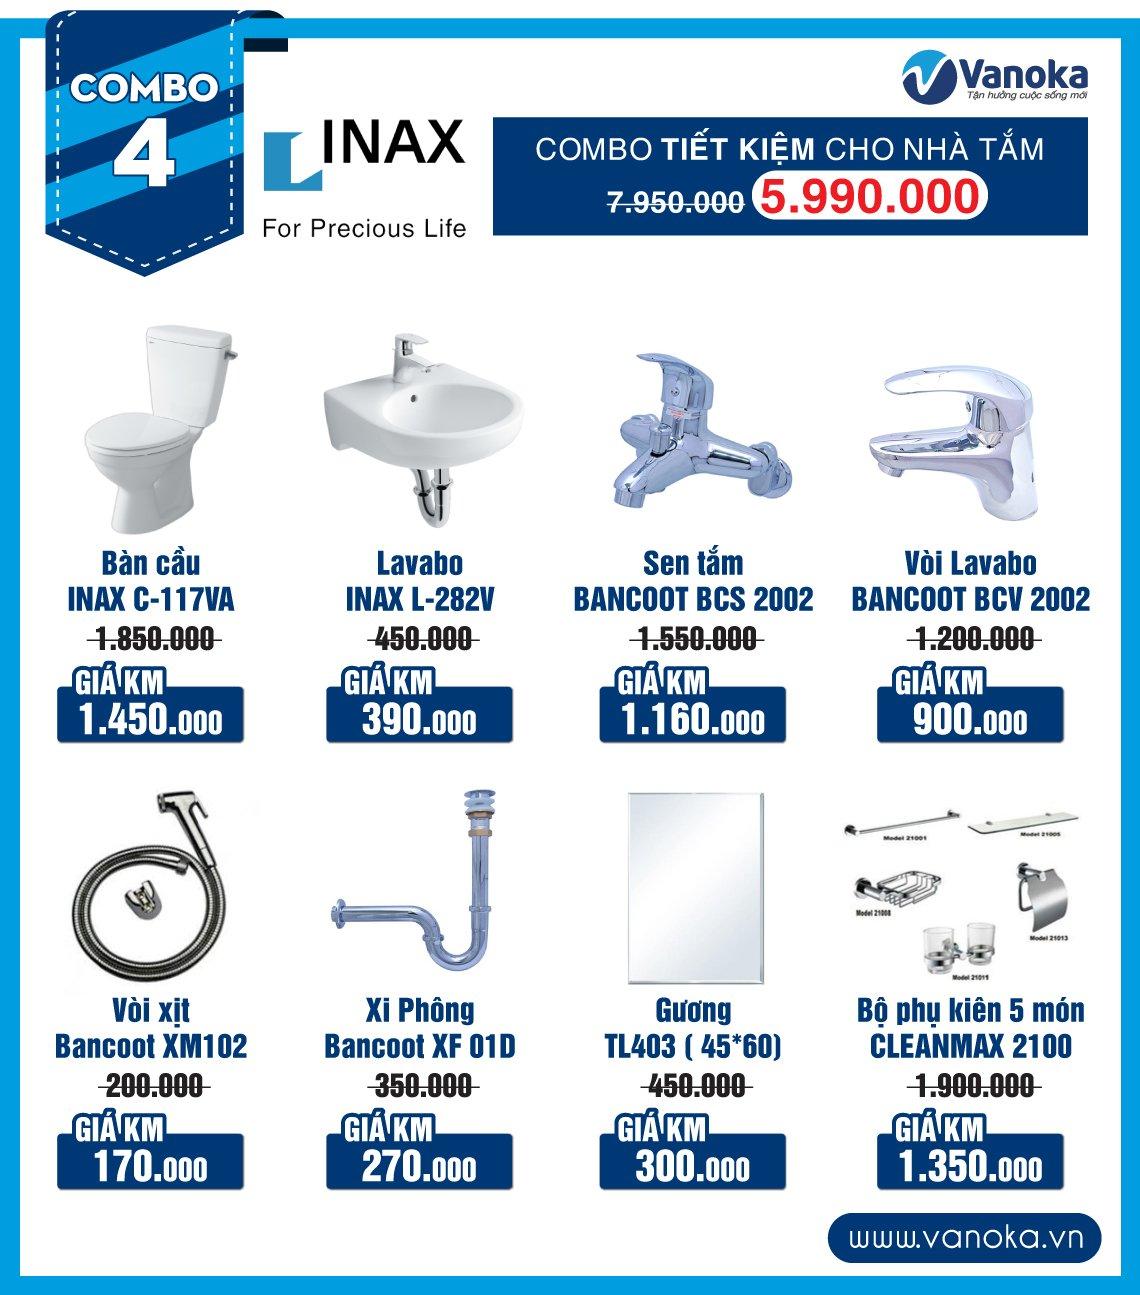 Combo Inax 4: Combo siêu tiết kiệm cho mọi nhà giá chỉ 6.060 triệu thumbnail